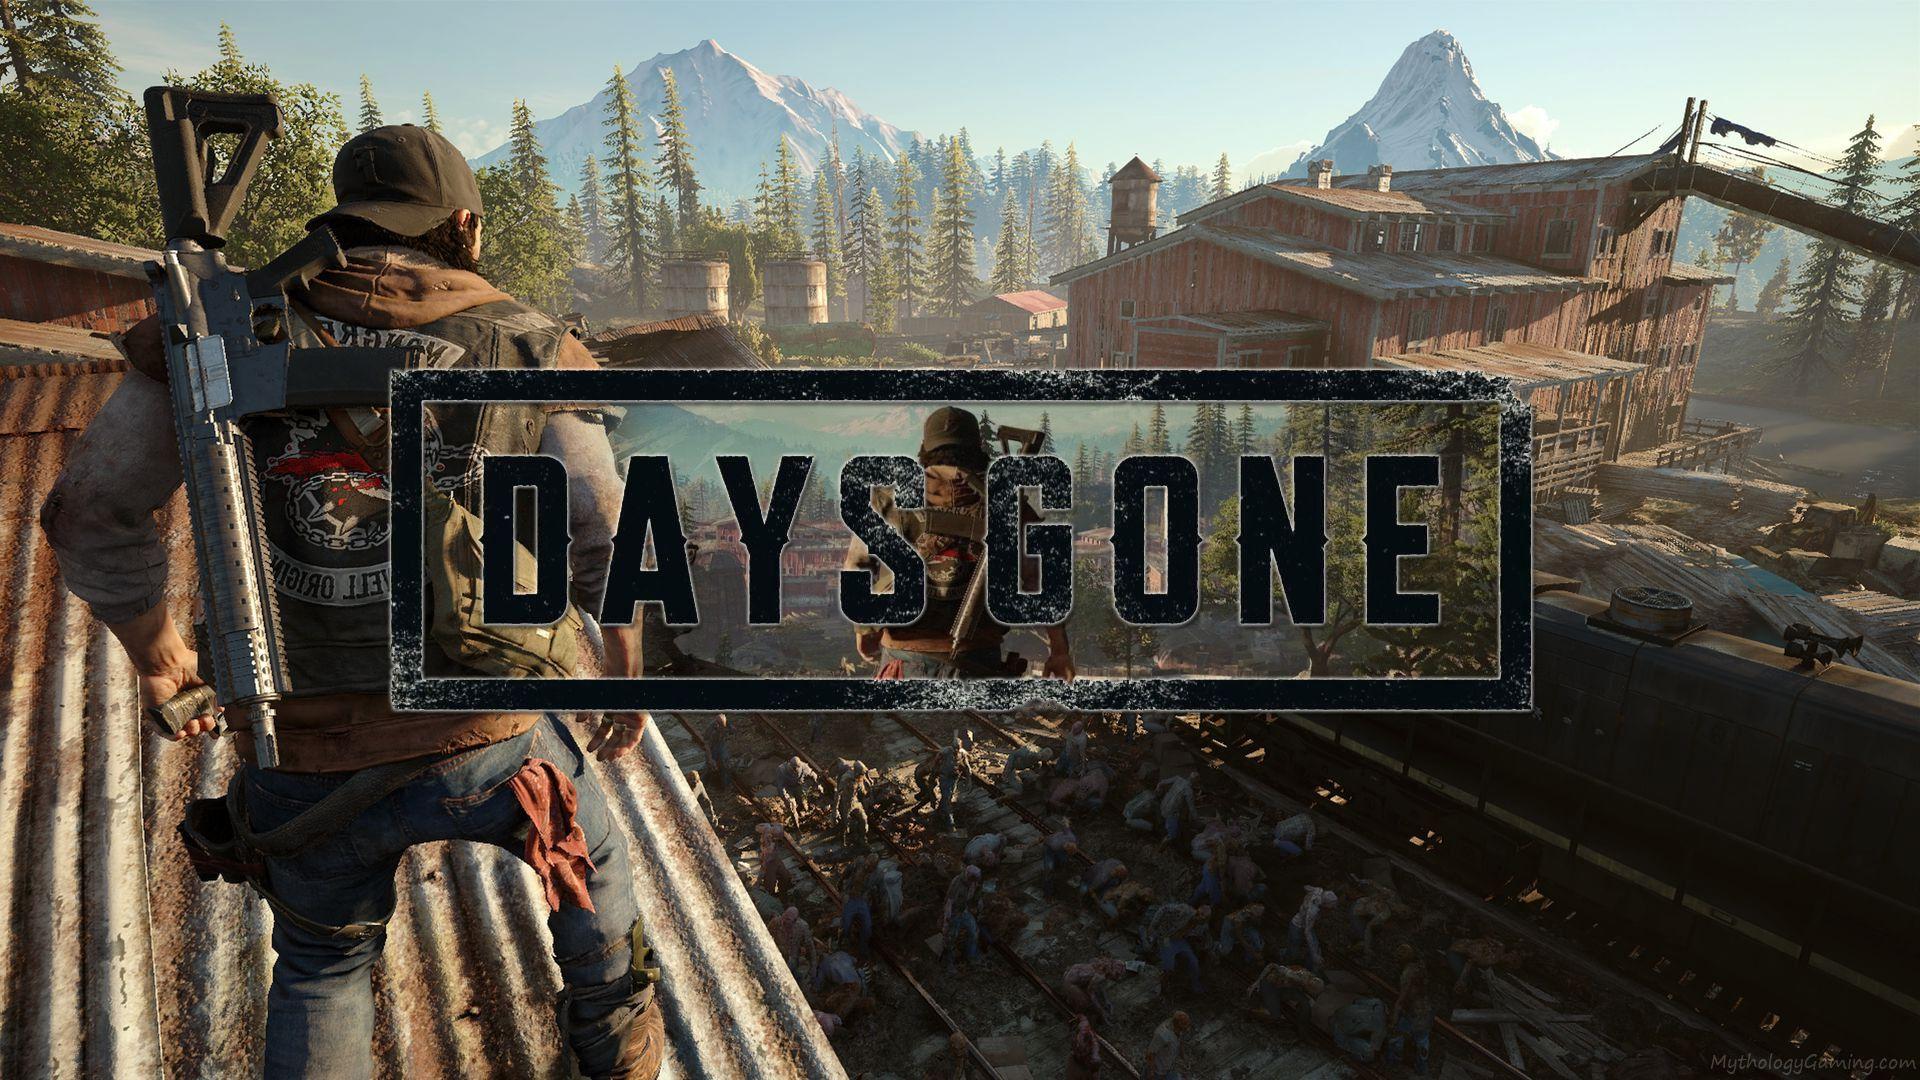 ویژگی New Game Plus هفتهی آینده به بازی Days Gone اضافه خواهد شد